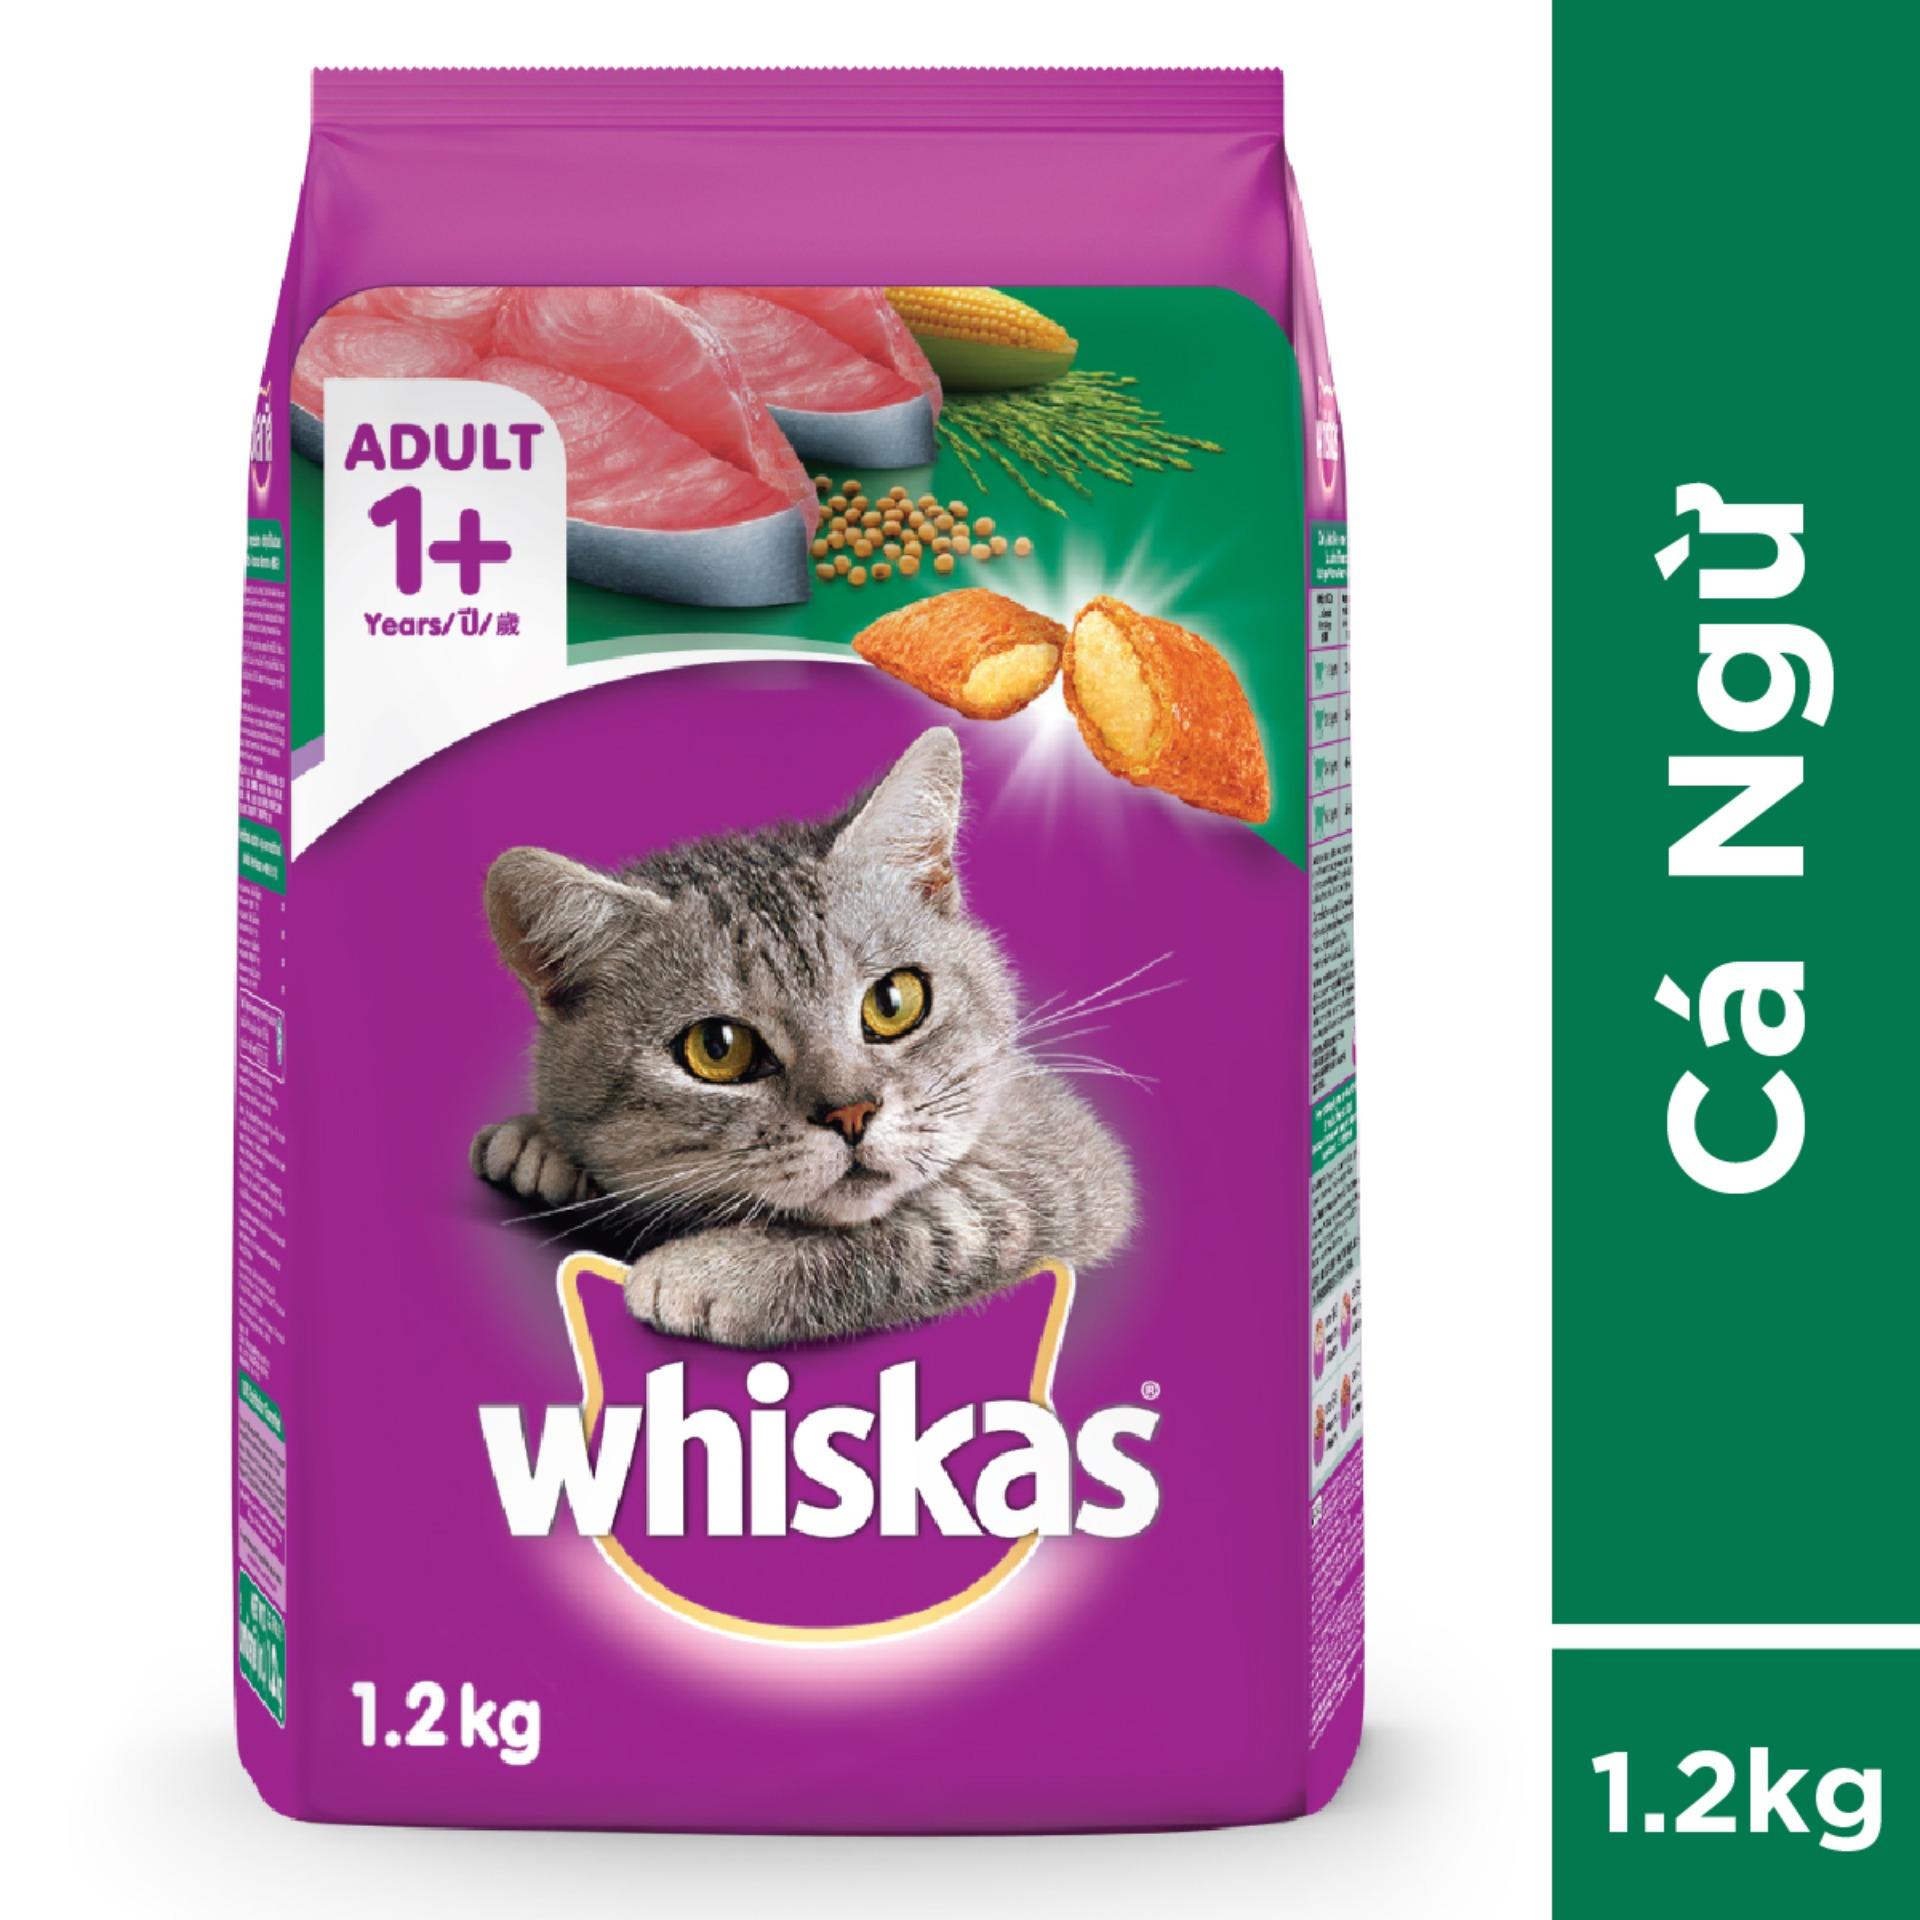 Thức ăn Mèo Whiskas Vị Cá Ngừ Túi 1.2kg Giá Tốt Không Nên Bỏ Lỡ